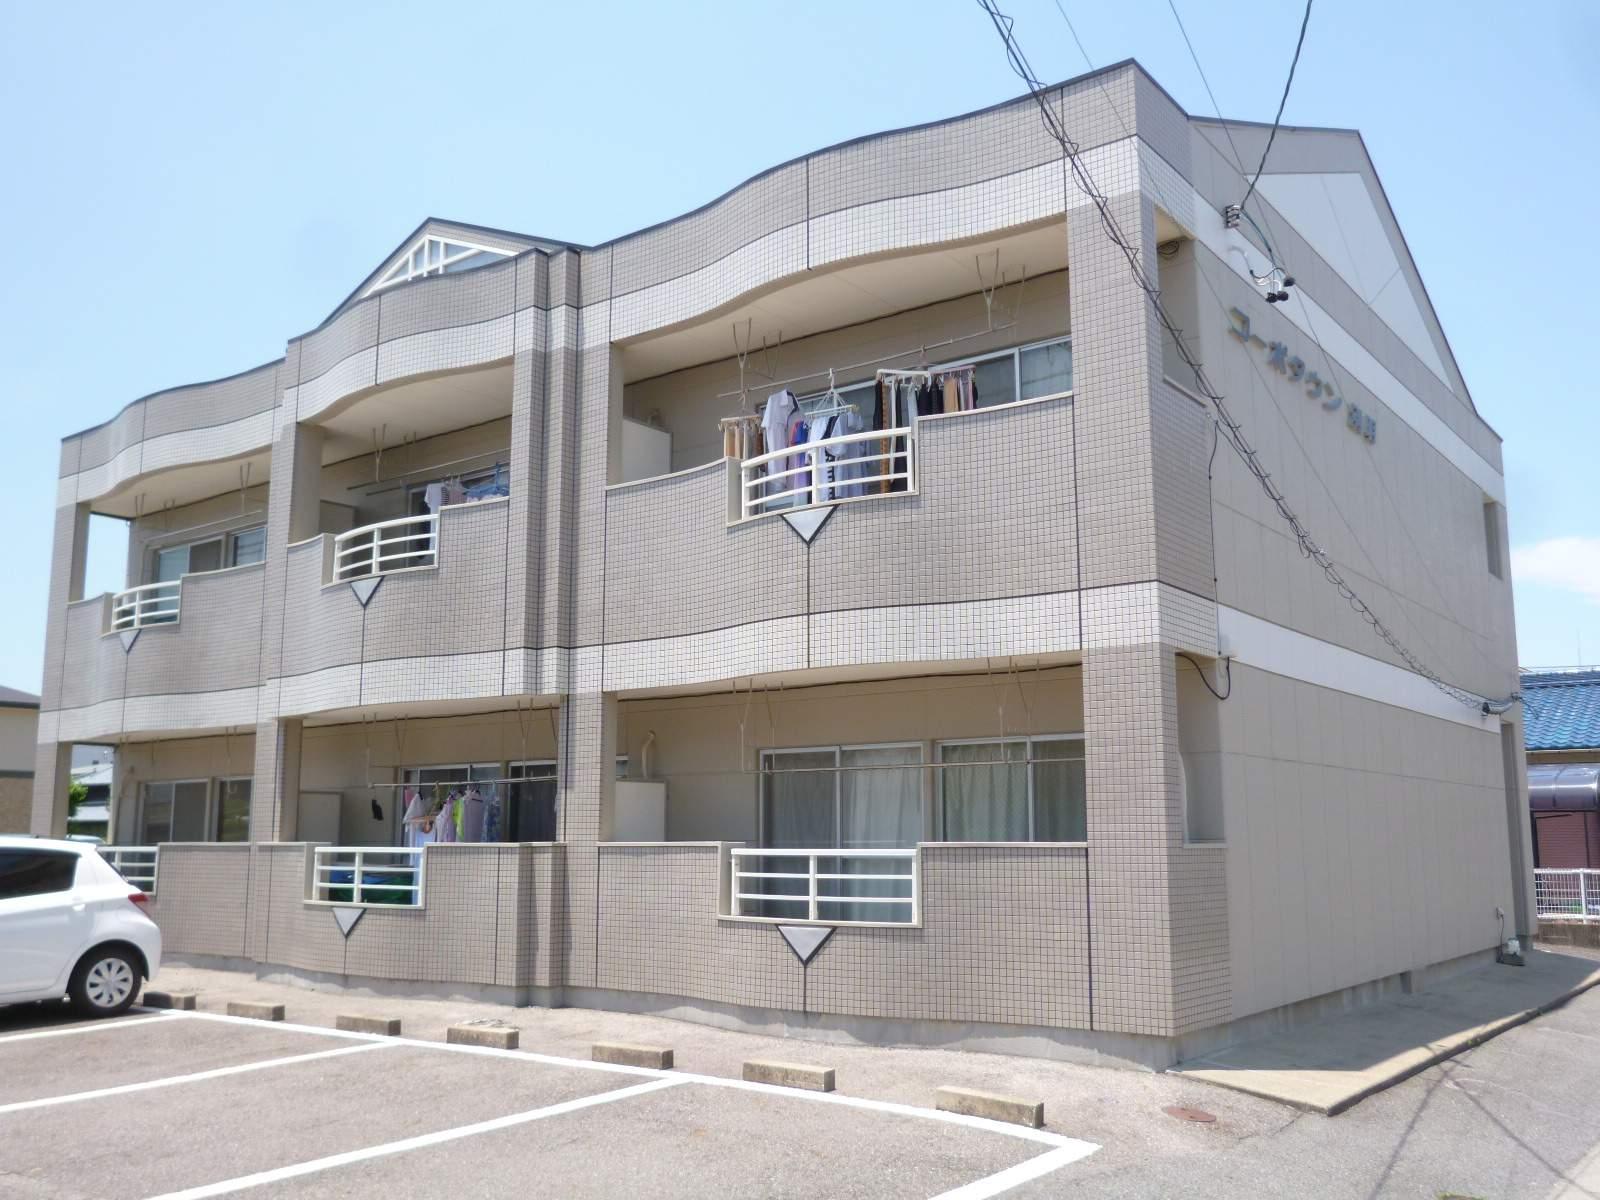 愛知県一宮市、尾張一宮駅徒歩28分の築24年 2階建の賃貸アパート